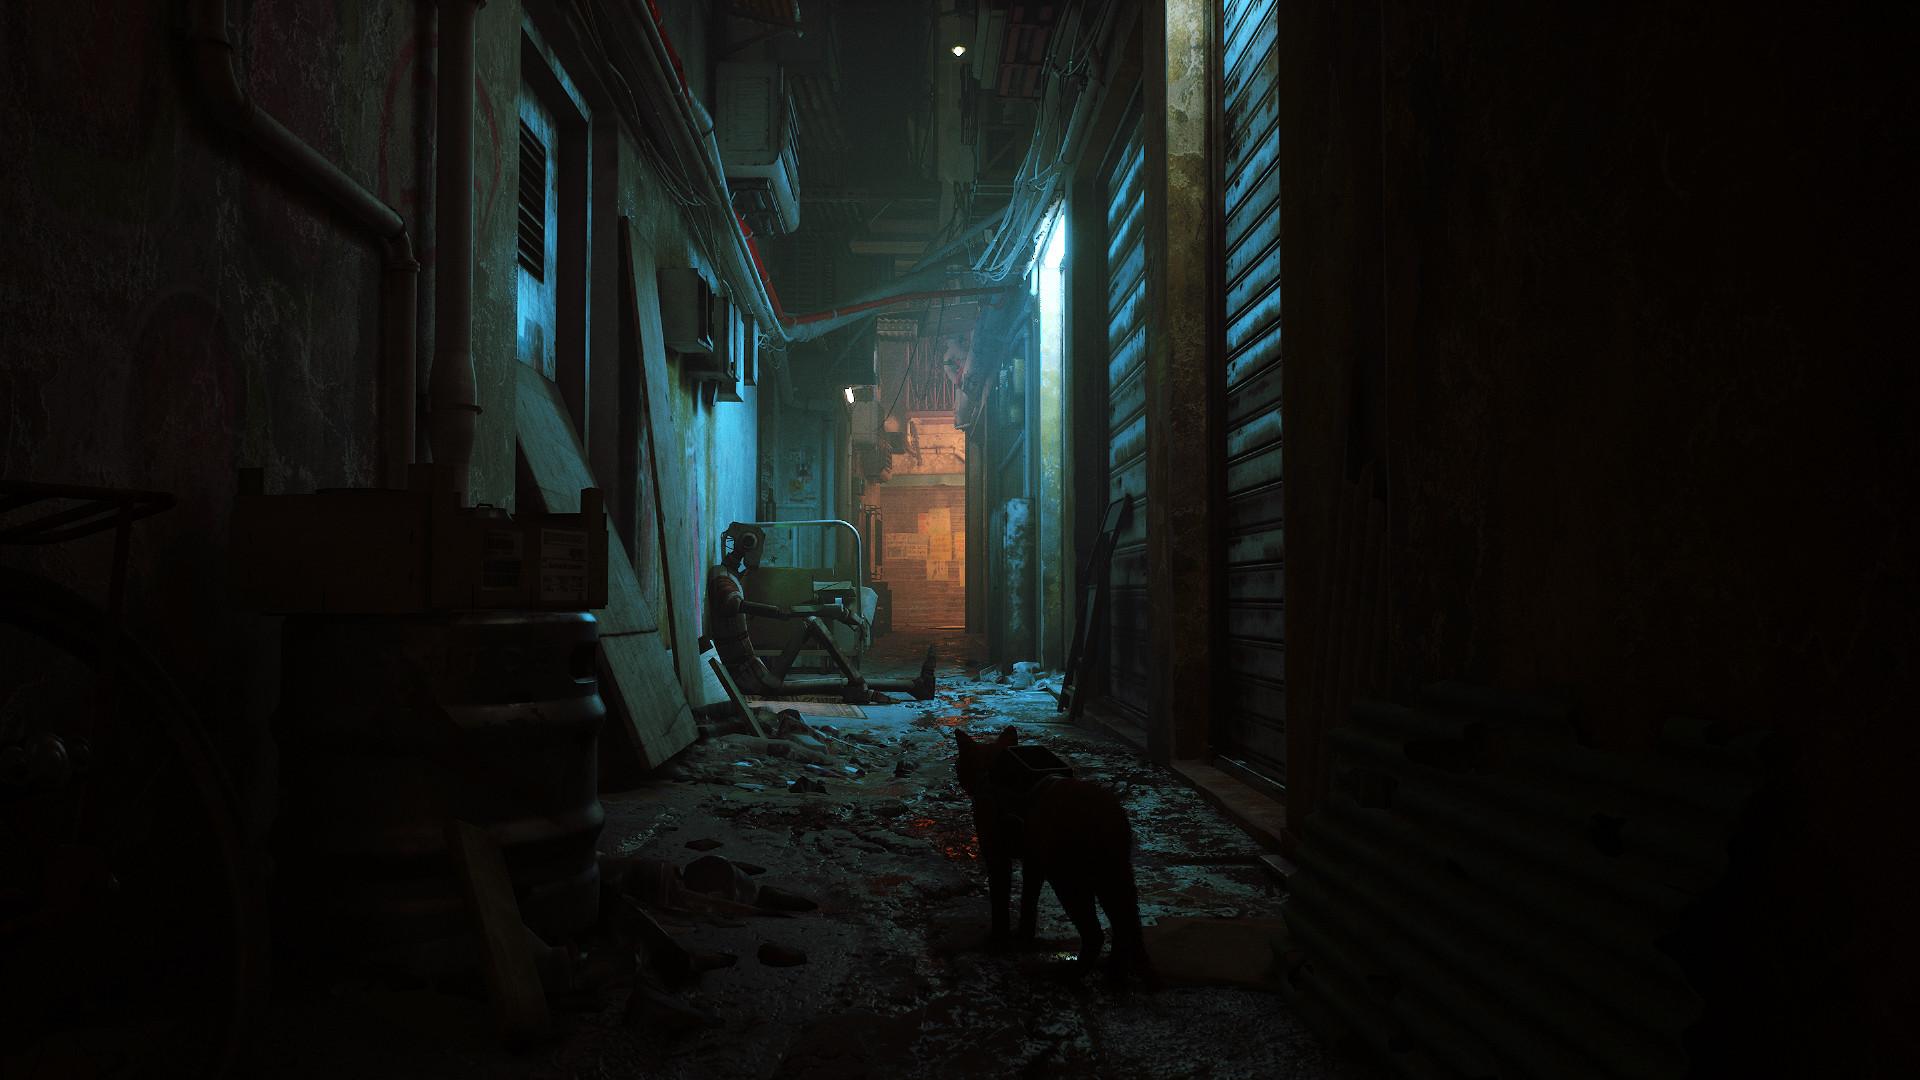 第三人称猫咪冒险游戏《迷失(Stray)》将于登陆PS5/Steam BlueTwelve Studio 游戏资讯 第2张